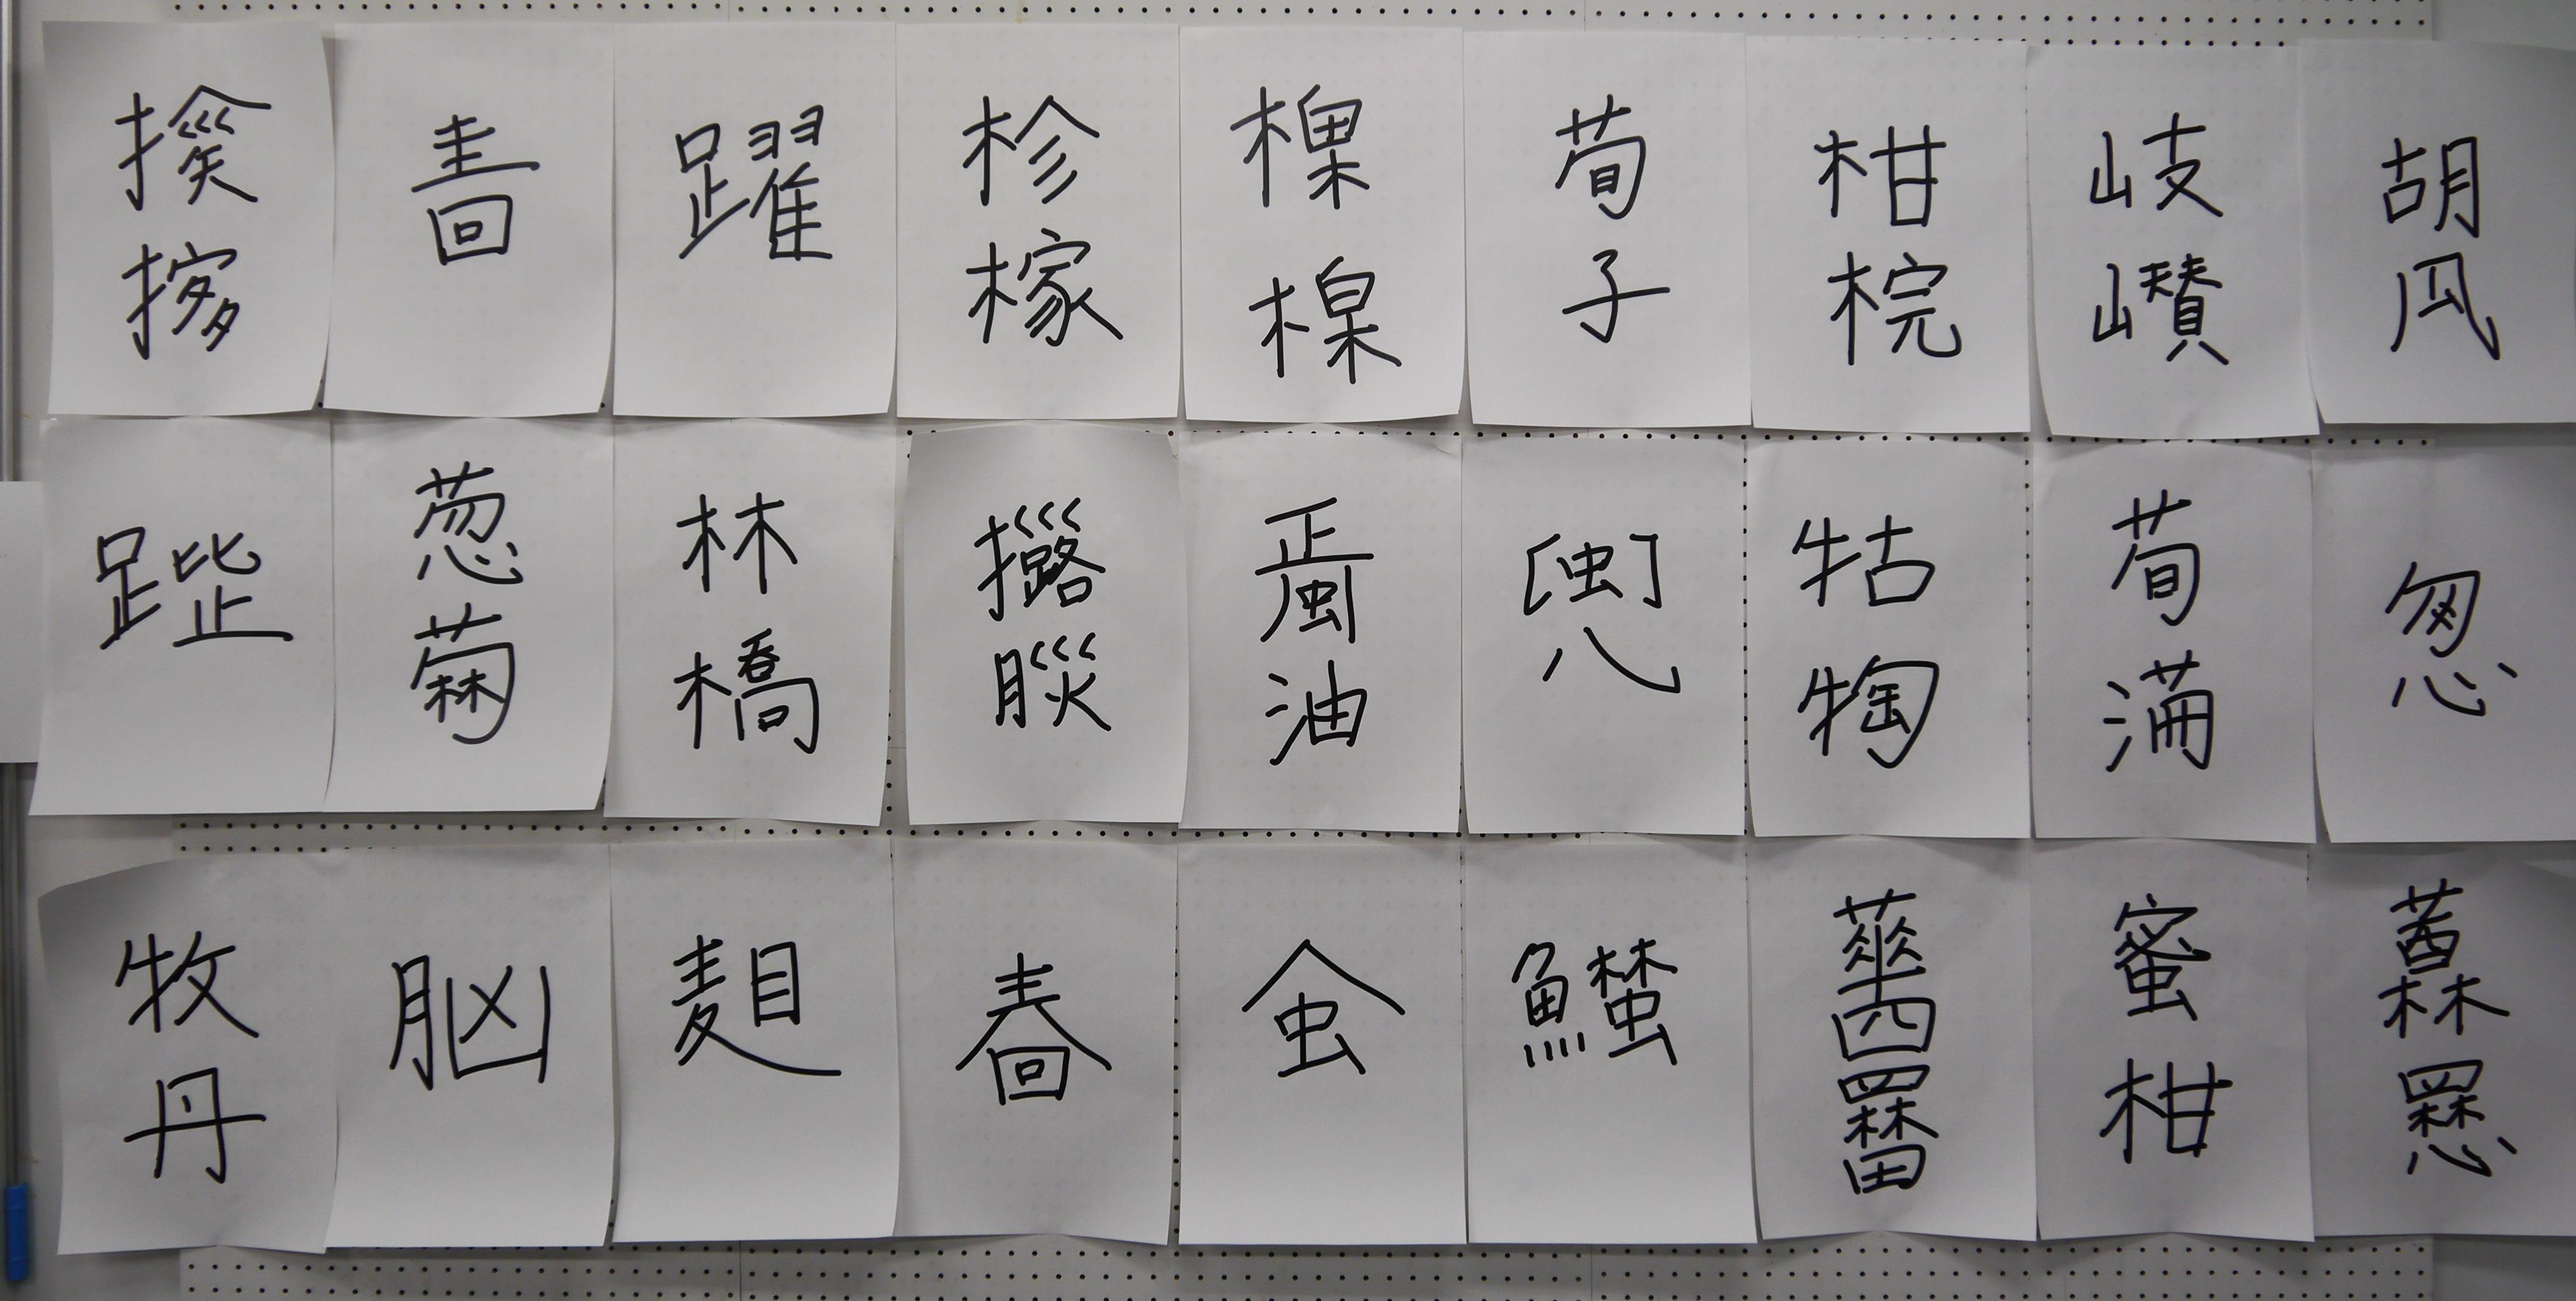 マウ常用漢字 | system*art